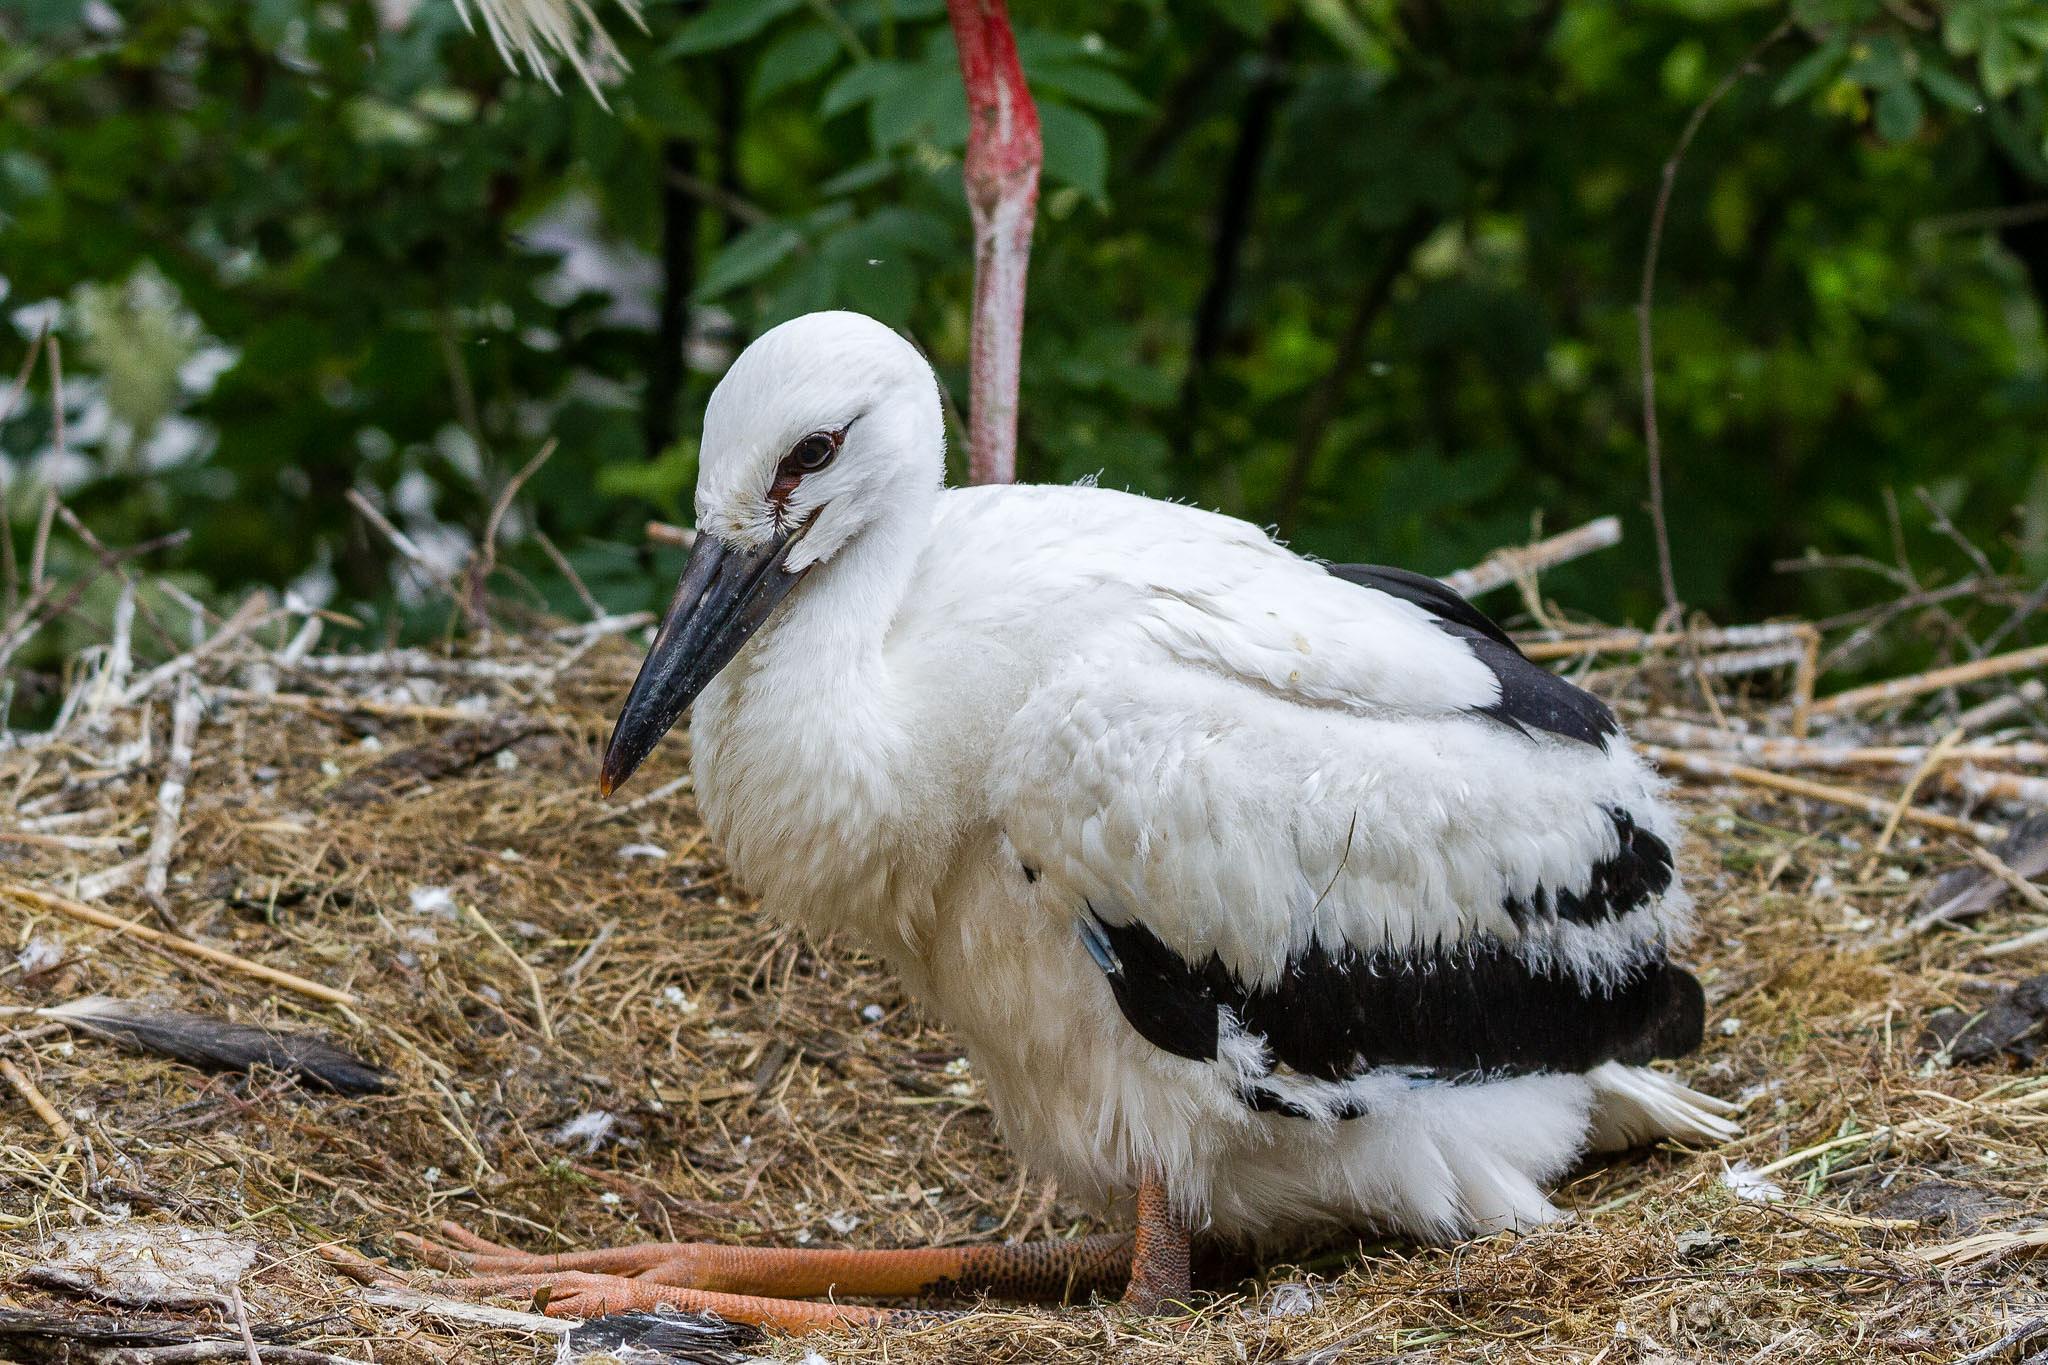 juvenile white stork by detlefkoester